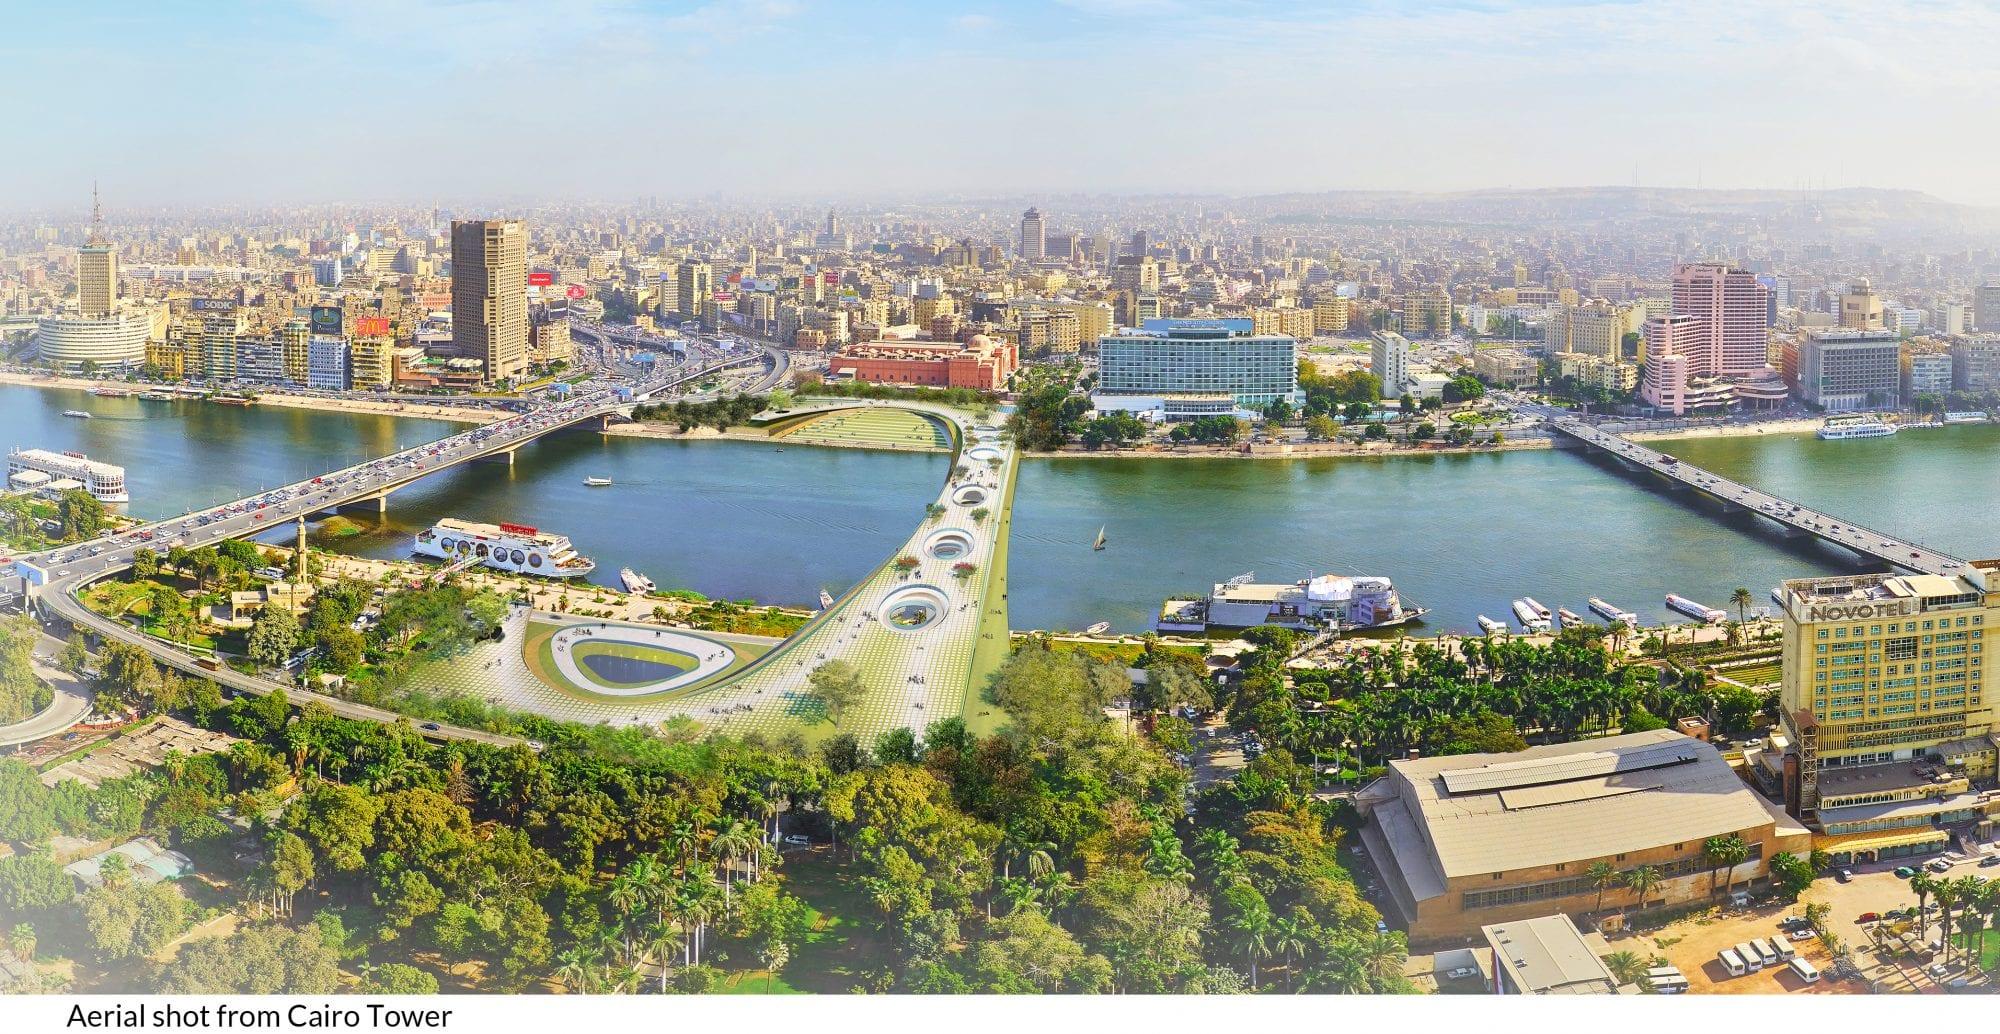 Five Egyptian architects won Rifat Chadirji Prize 2020